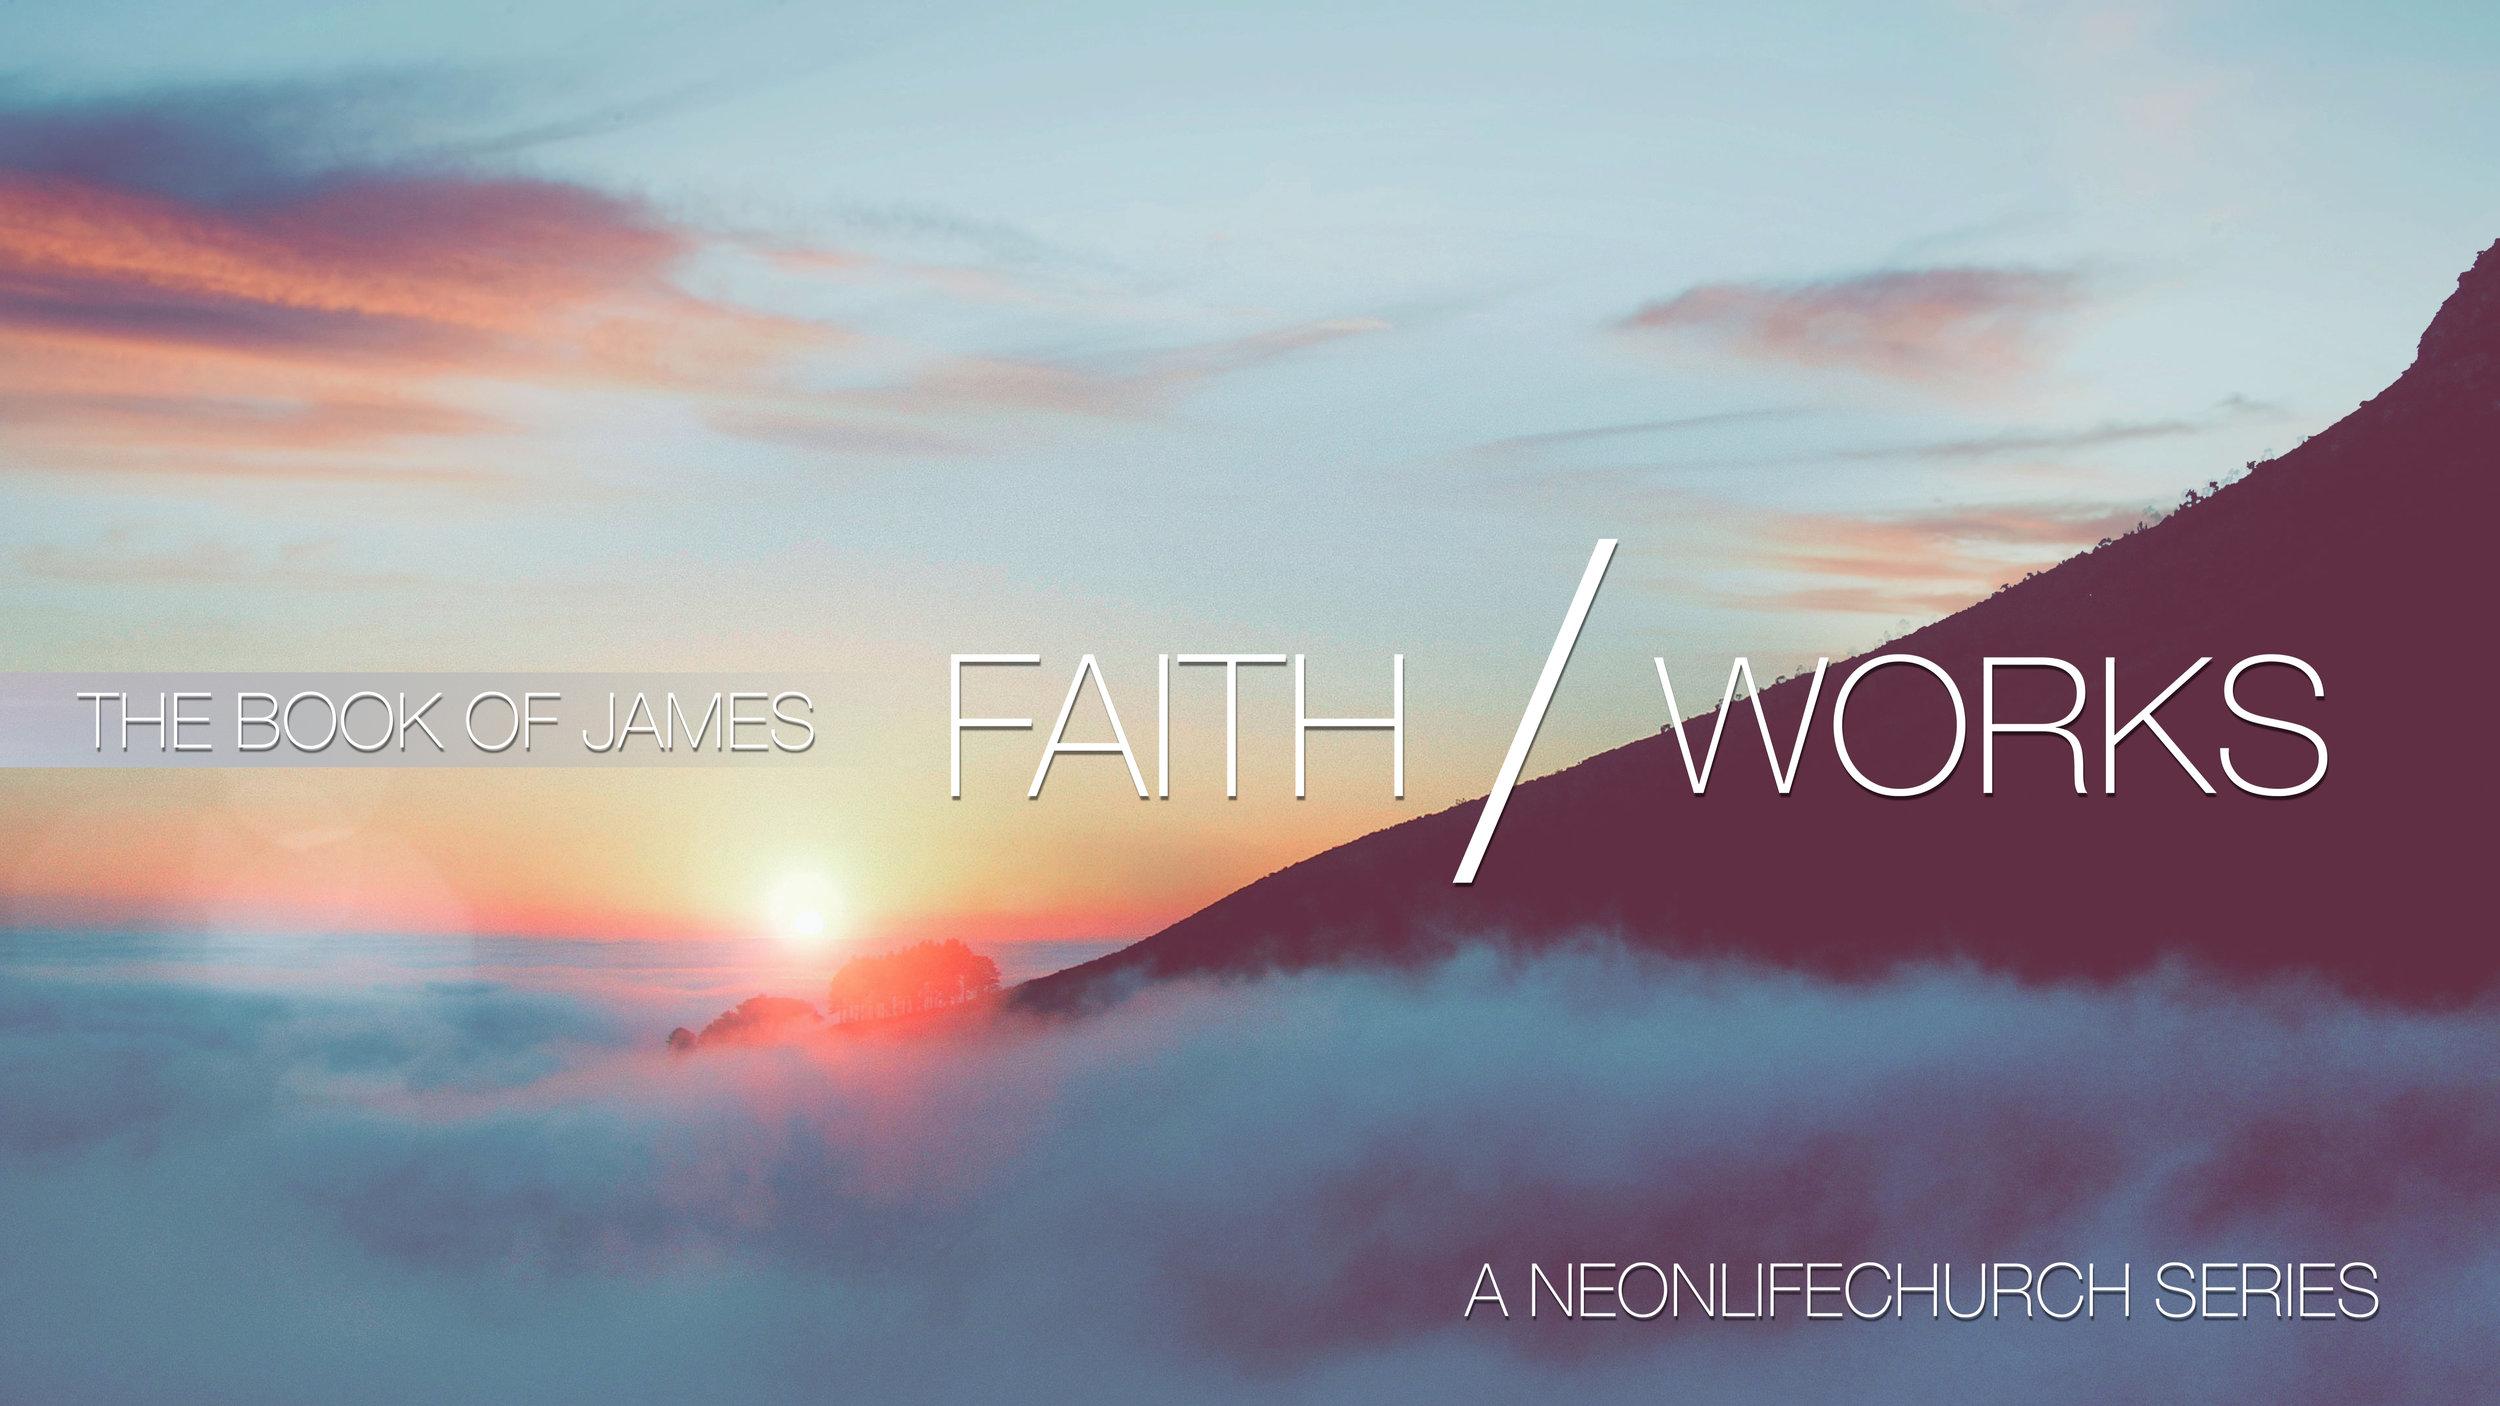 FAITH WORKS SERIES BG.jpeg